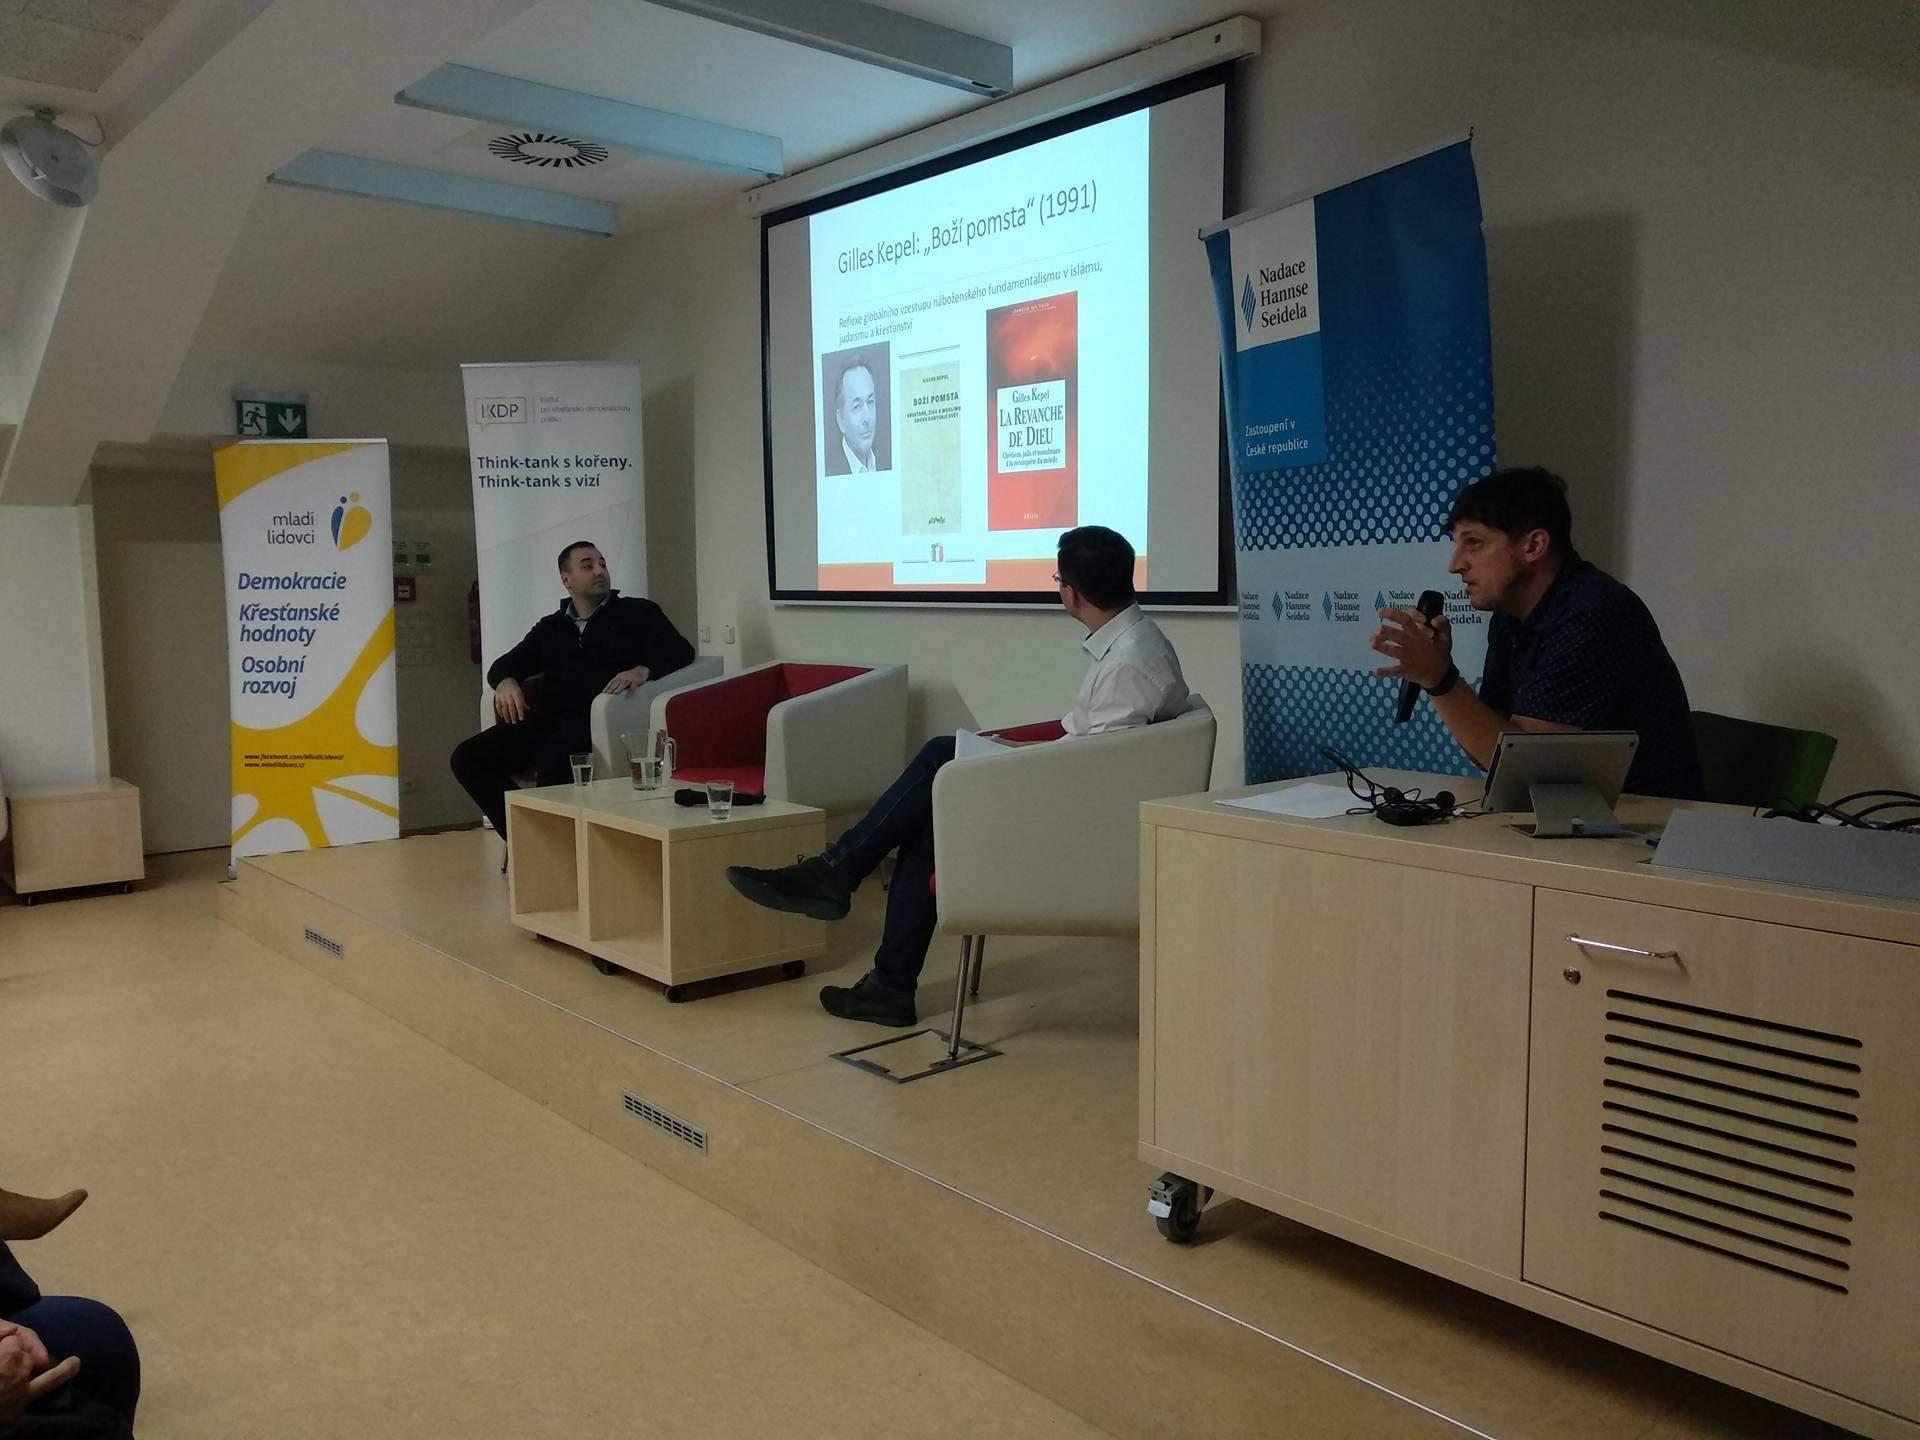 Marek Čejka přednáší o islámském radikalismu